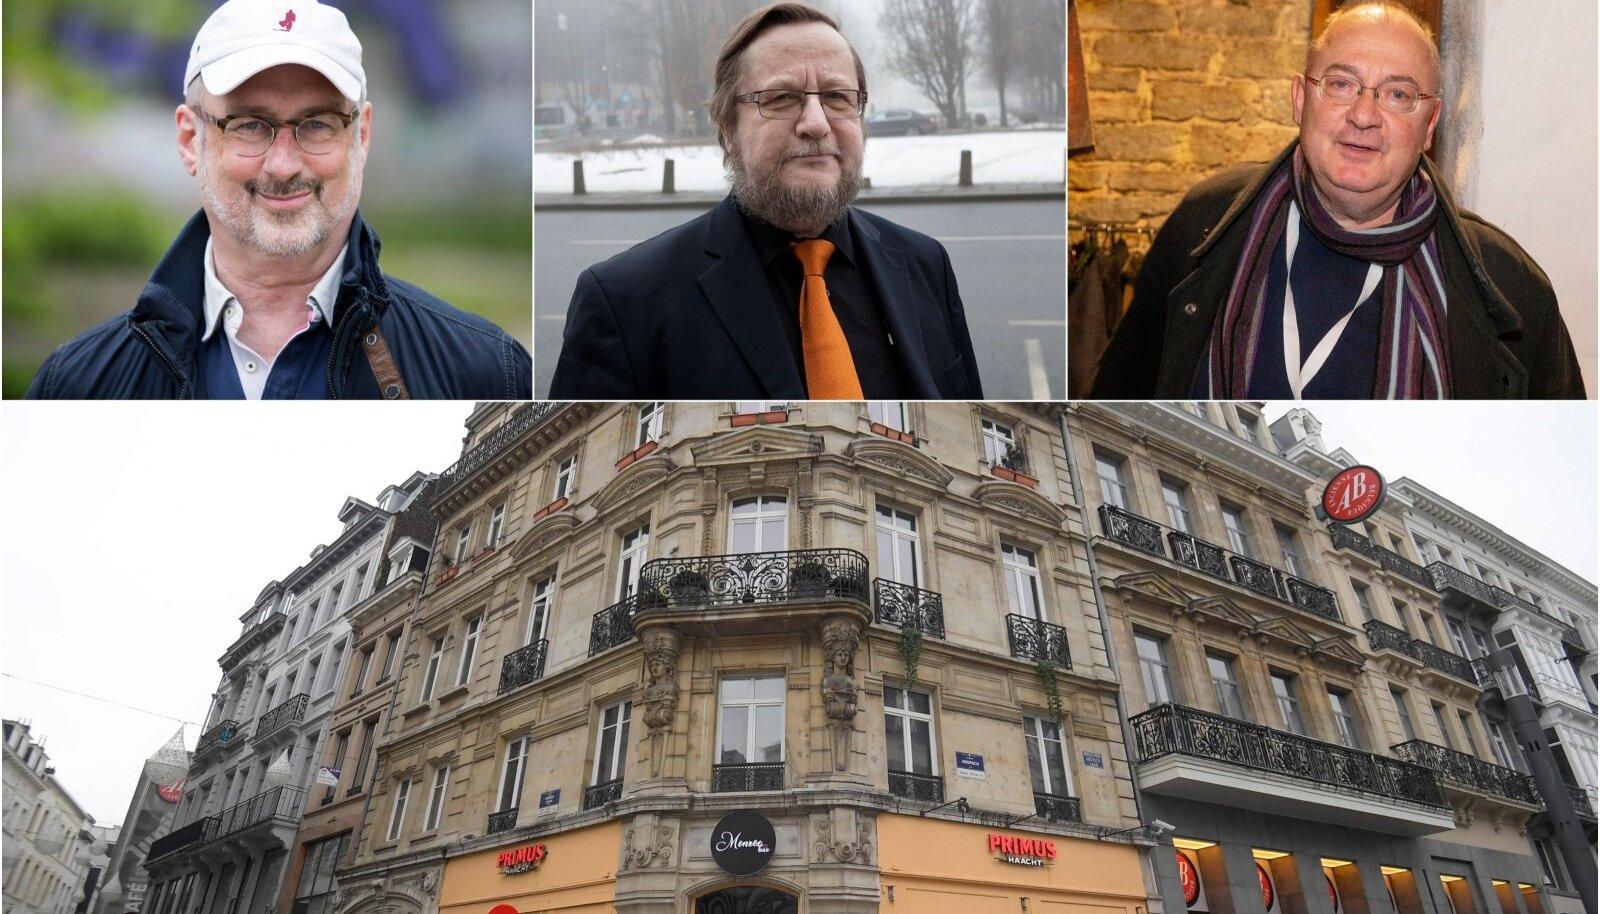 DIPLOMAADID KOMMENTEERIVAD: Mida arvata Brüsselis Eesti diplomaadi osalusel toimunud geiorgiast, kus rikuti karantiinireegleid? Orgia leidis aset baari Monroe kohal asuvas korteris (alumisel fotol).